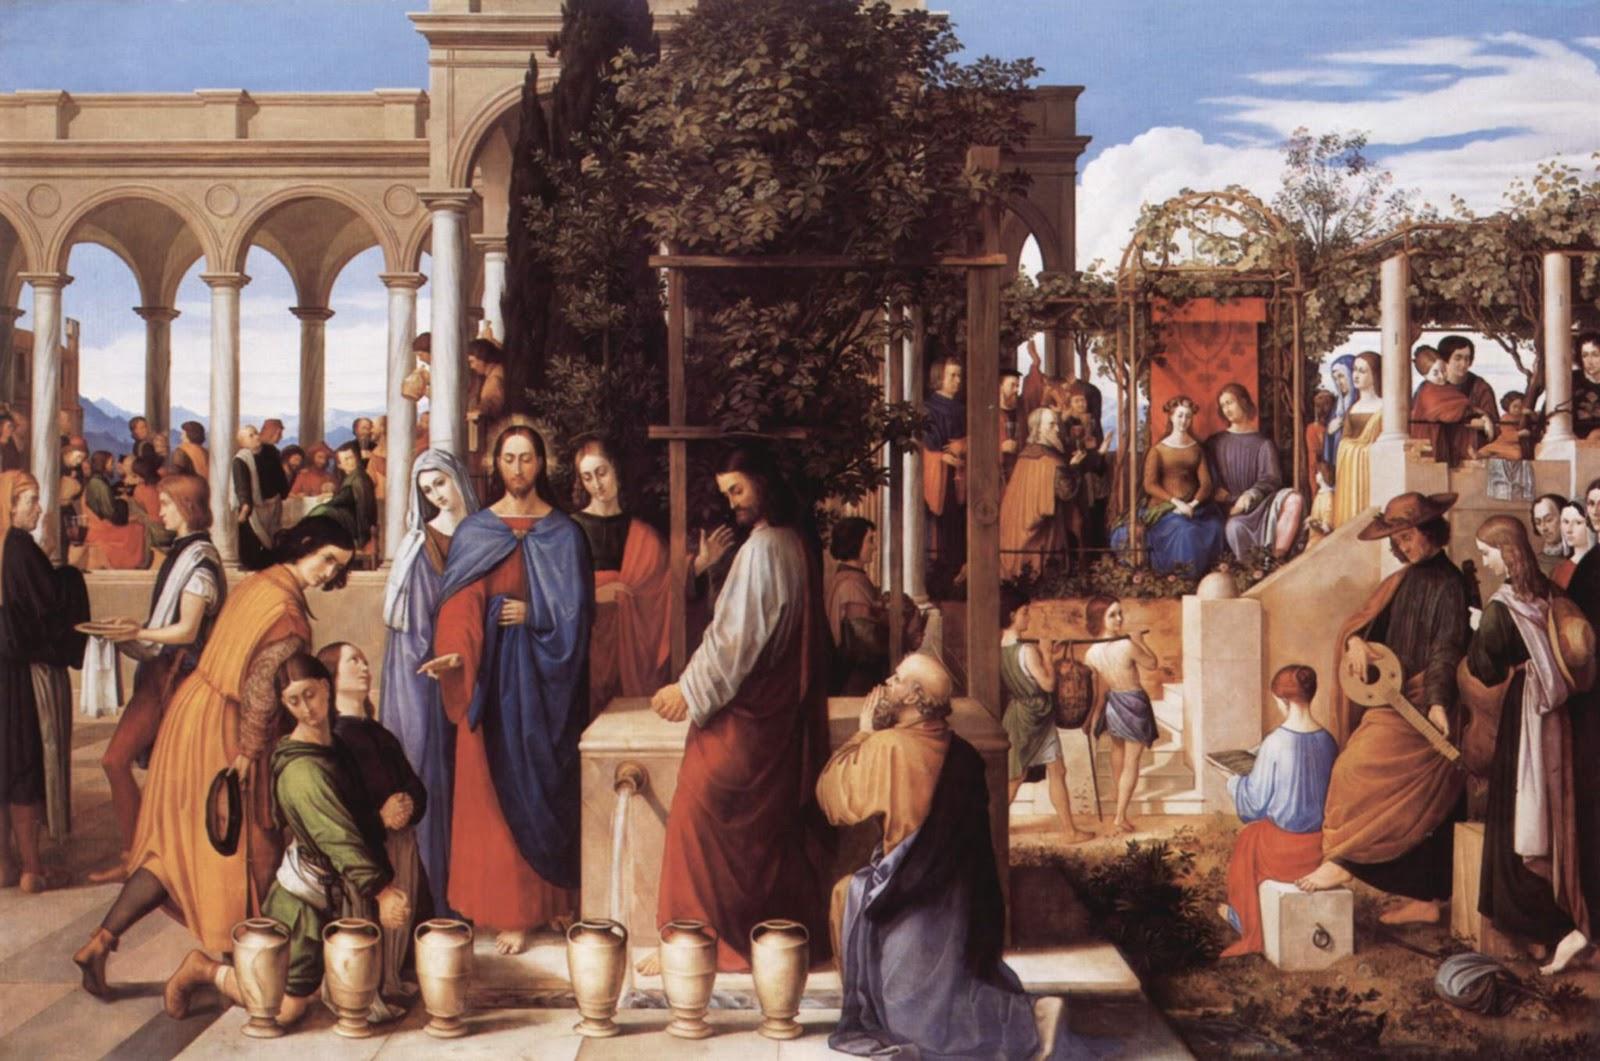 Matrimonio Judio Biblia : Miles ecclesiae de lestat a jesus conversão anne rice